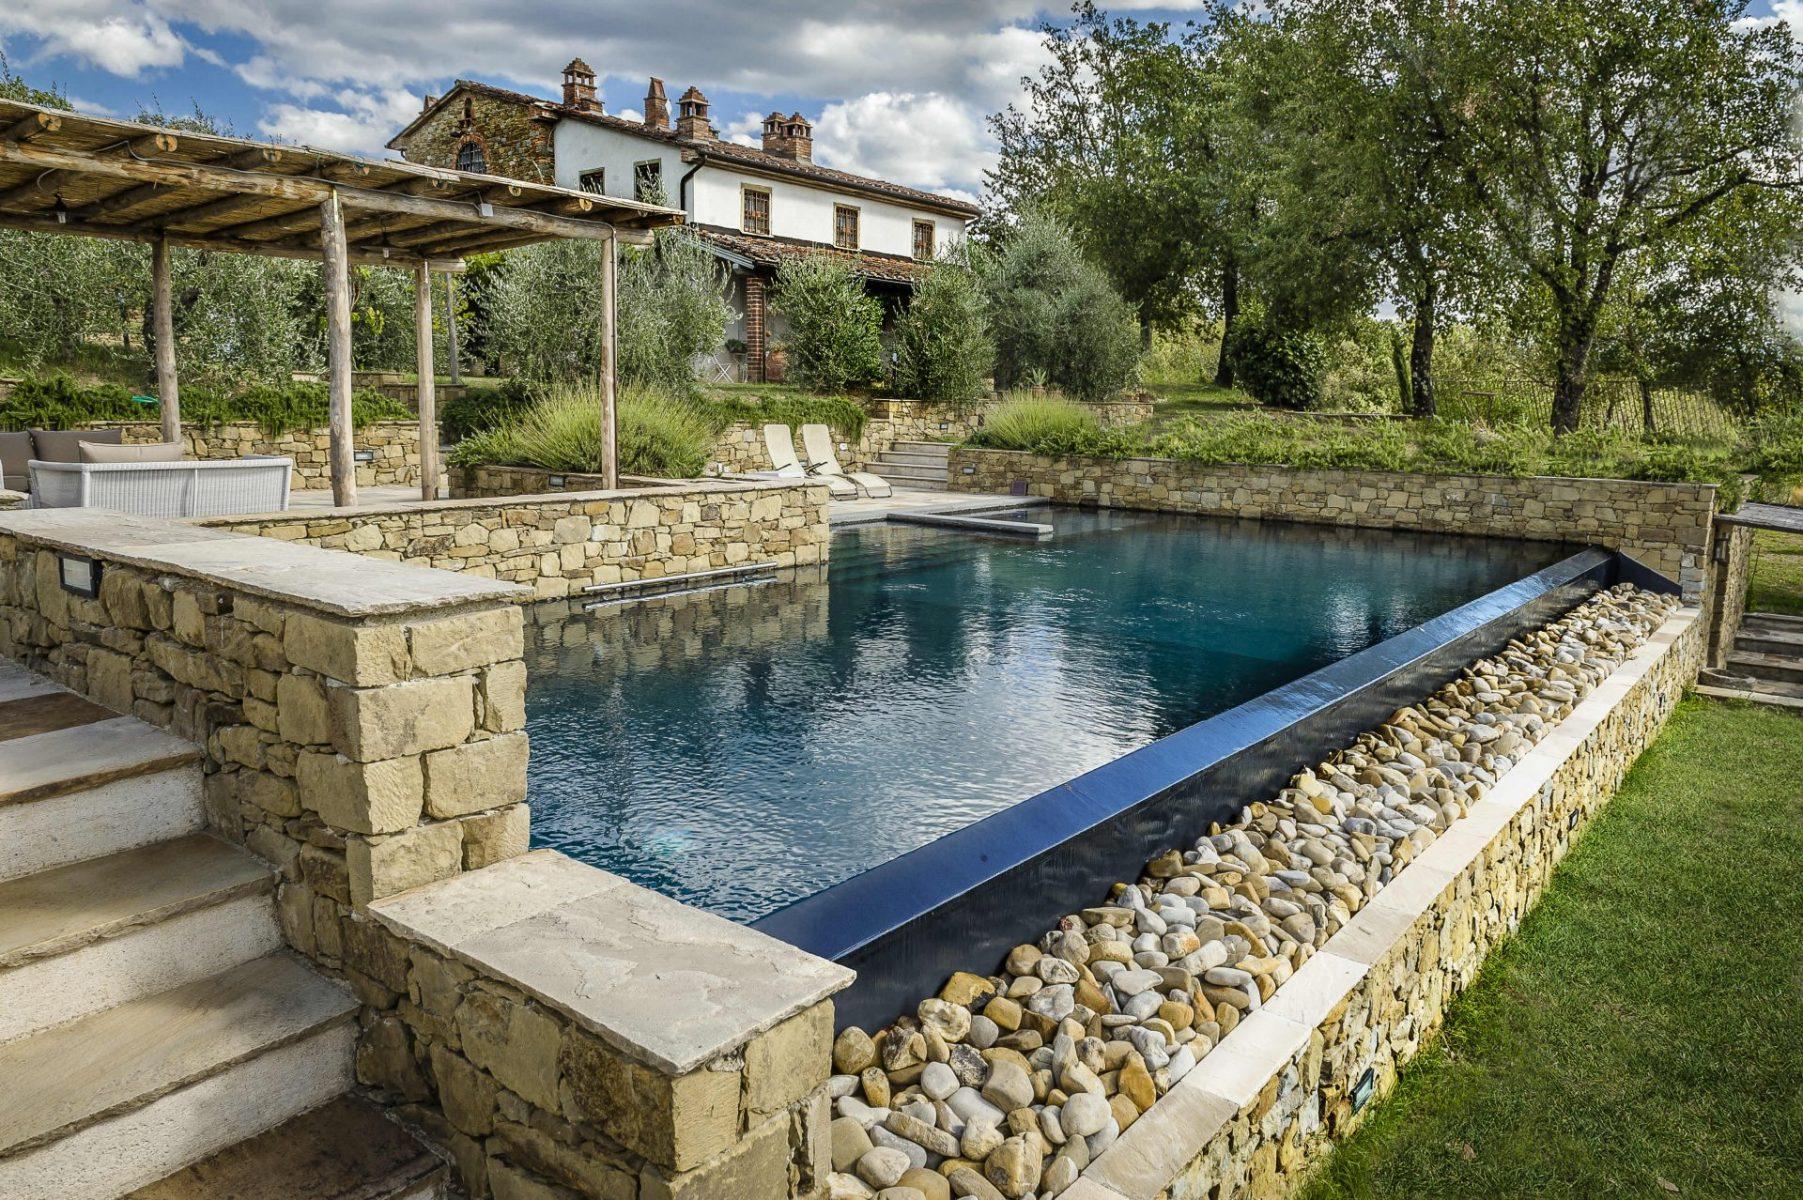 Giardini piscine castiglione idee per il giardino piscine castiglione - Piscine per giardino ...